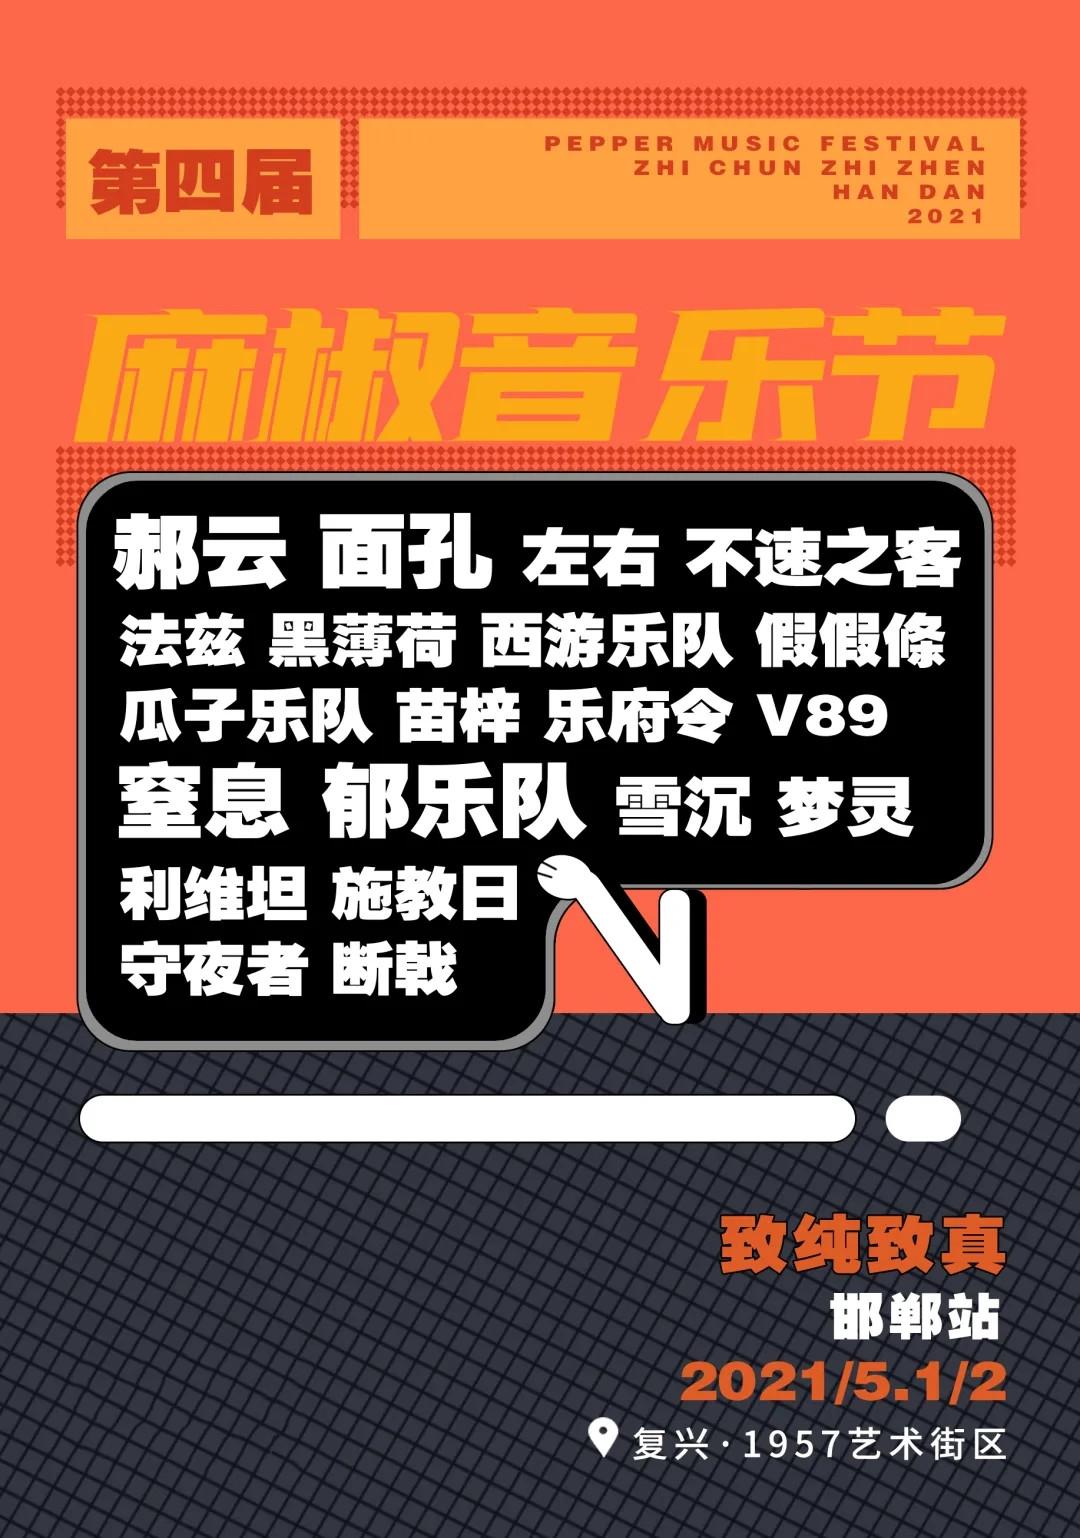 2021邯郸麻椒音乐节